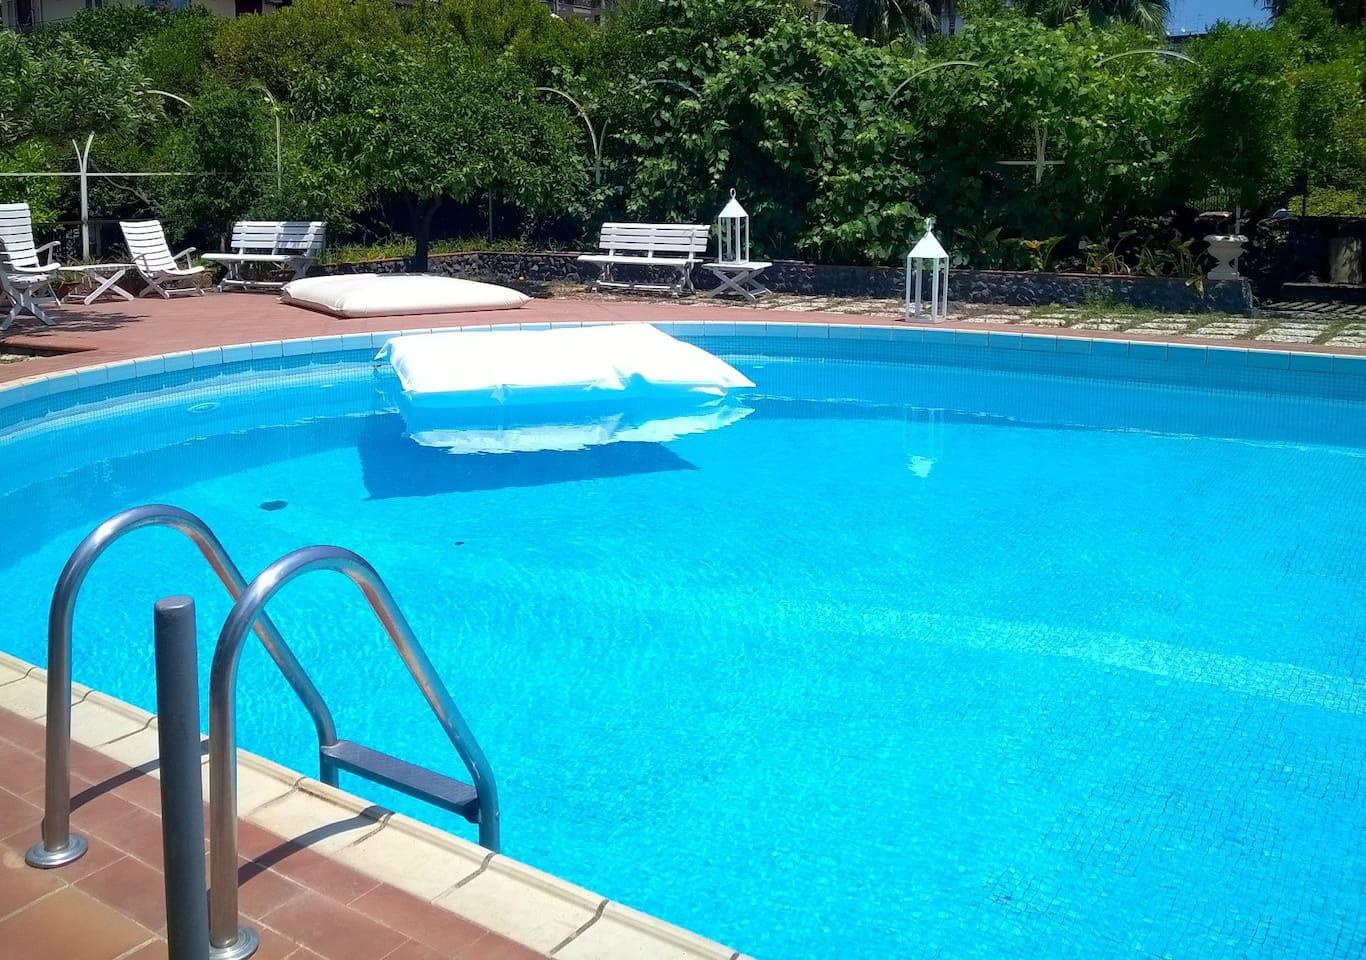 La piscina e i suoi accessori: zona relax con vegetazione lussureggiante.